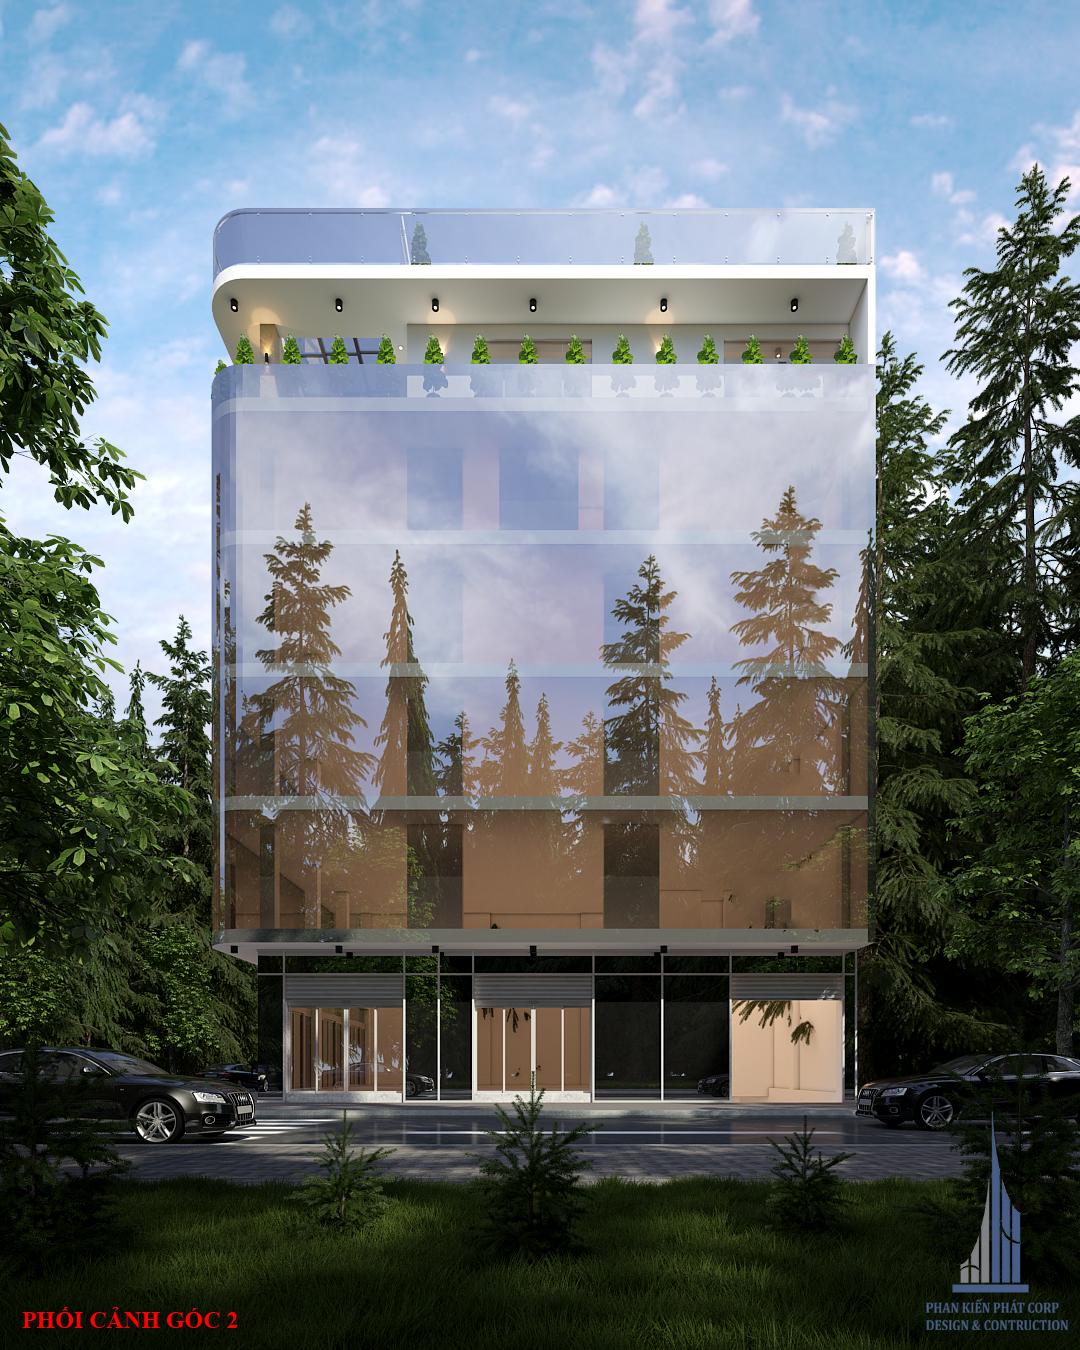 Phối cảnh thiết kế tòa nhà văn phòng hiện đại view 2